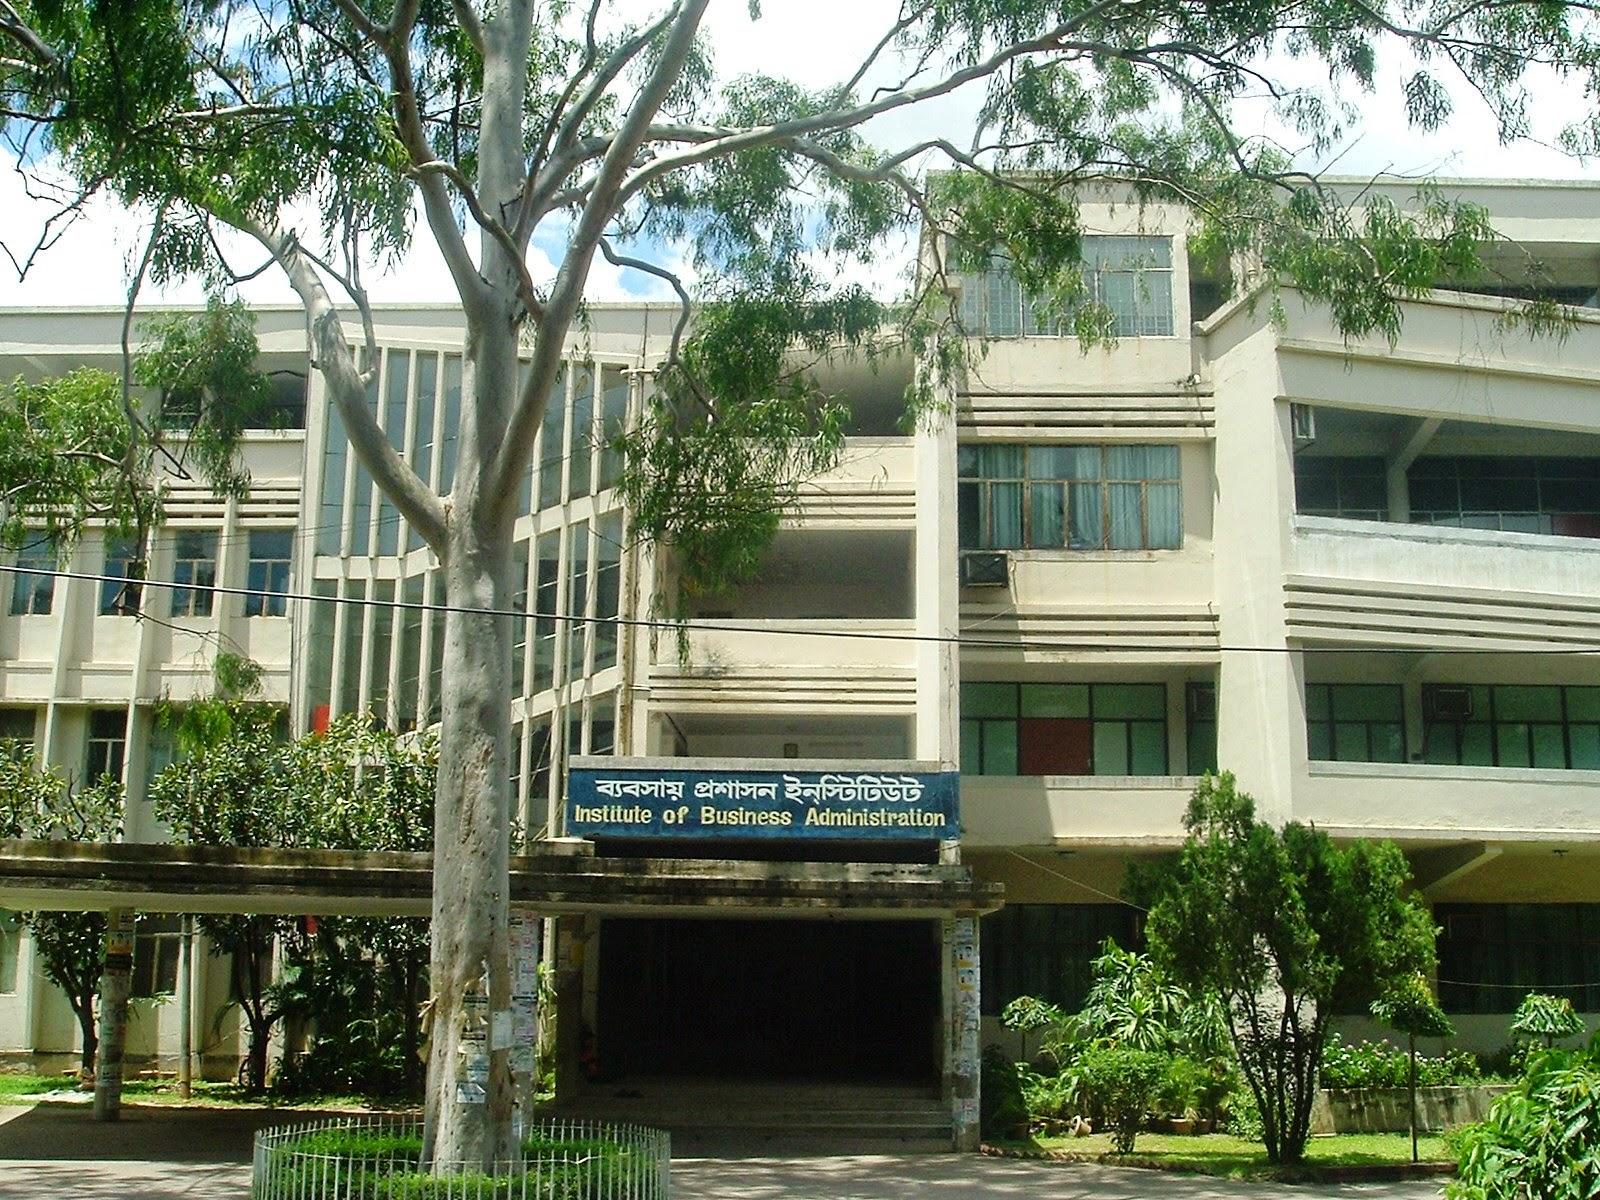 IBA Building